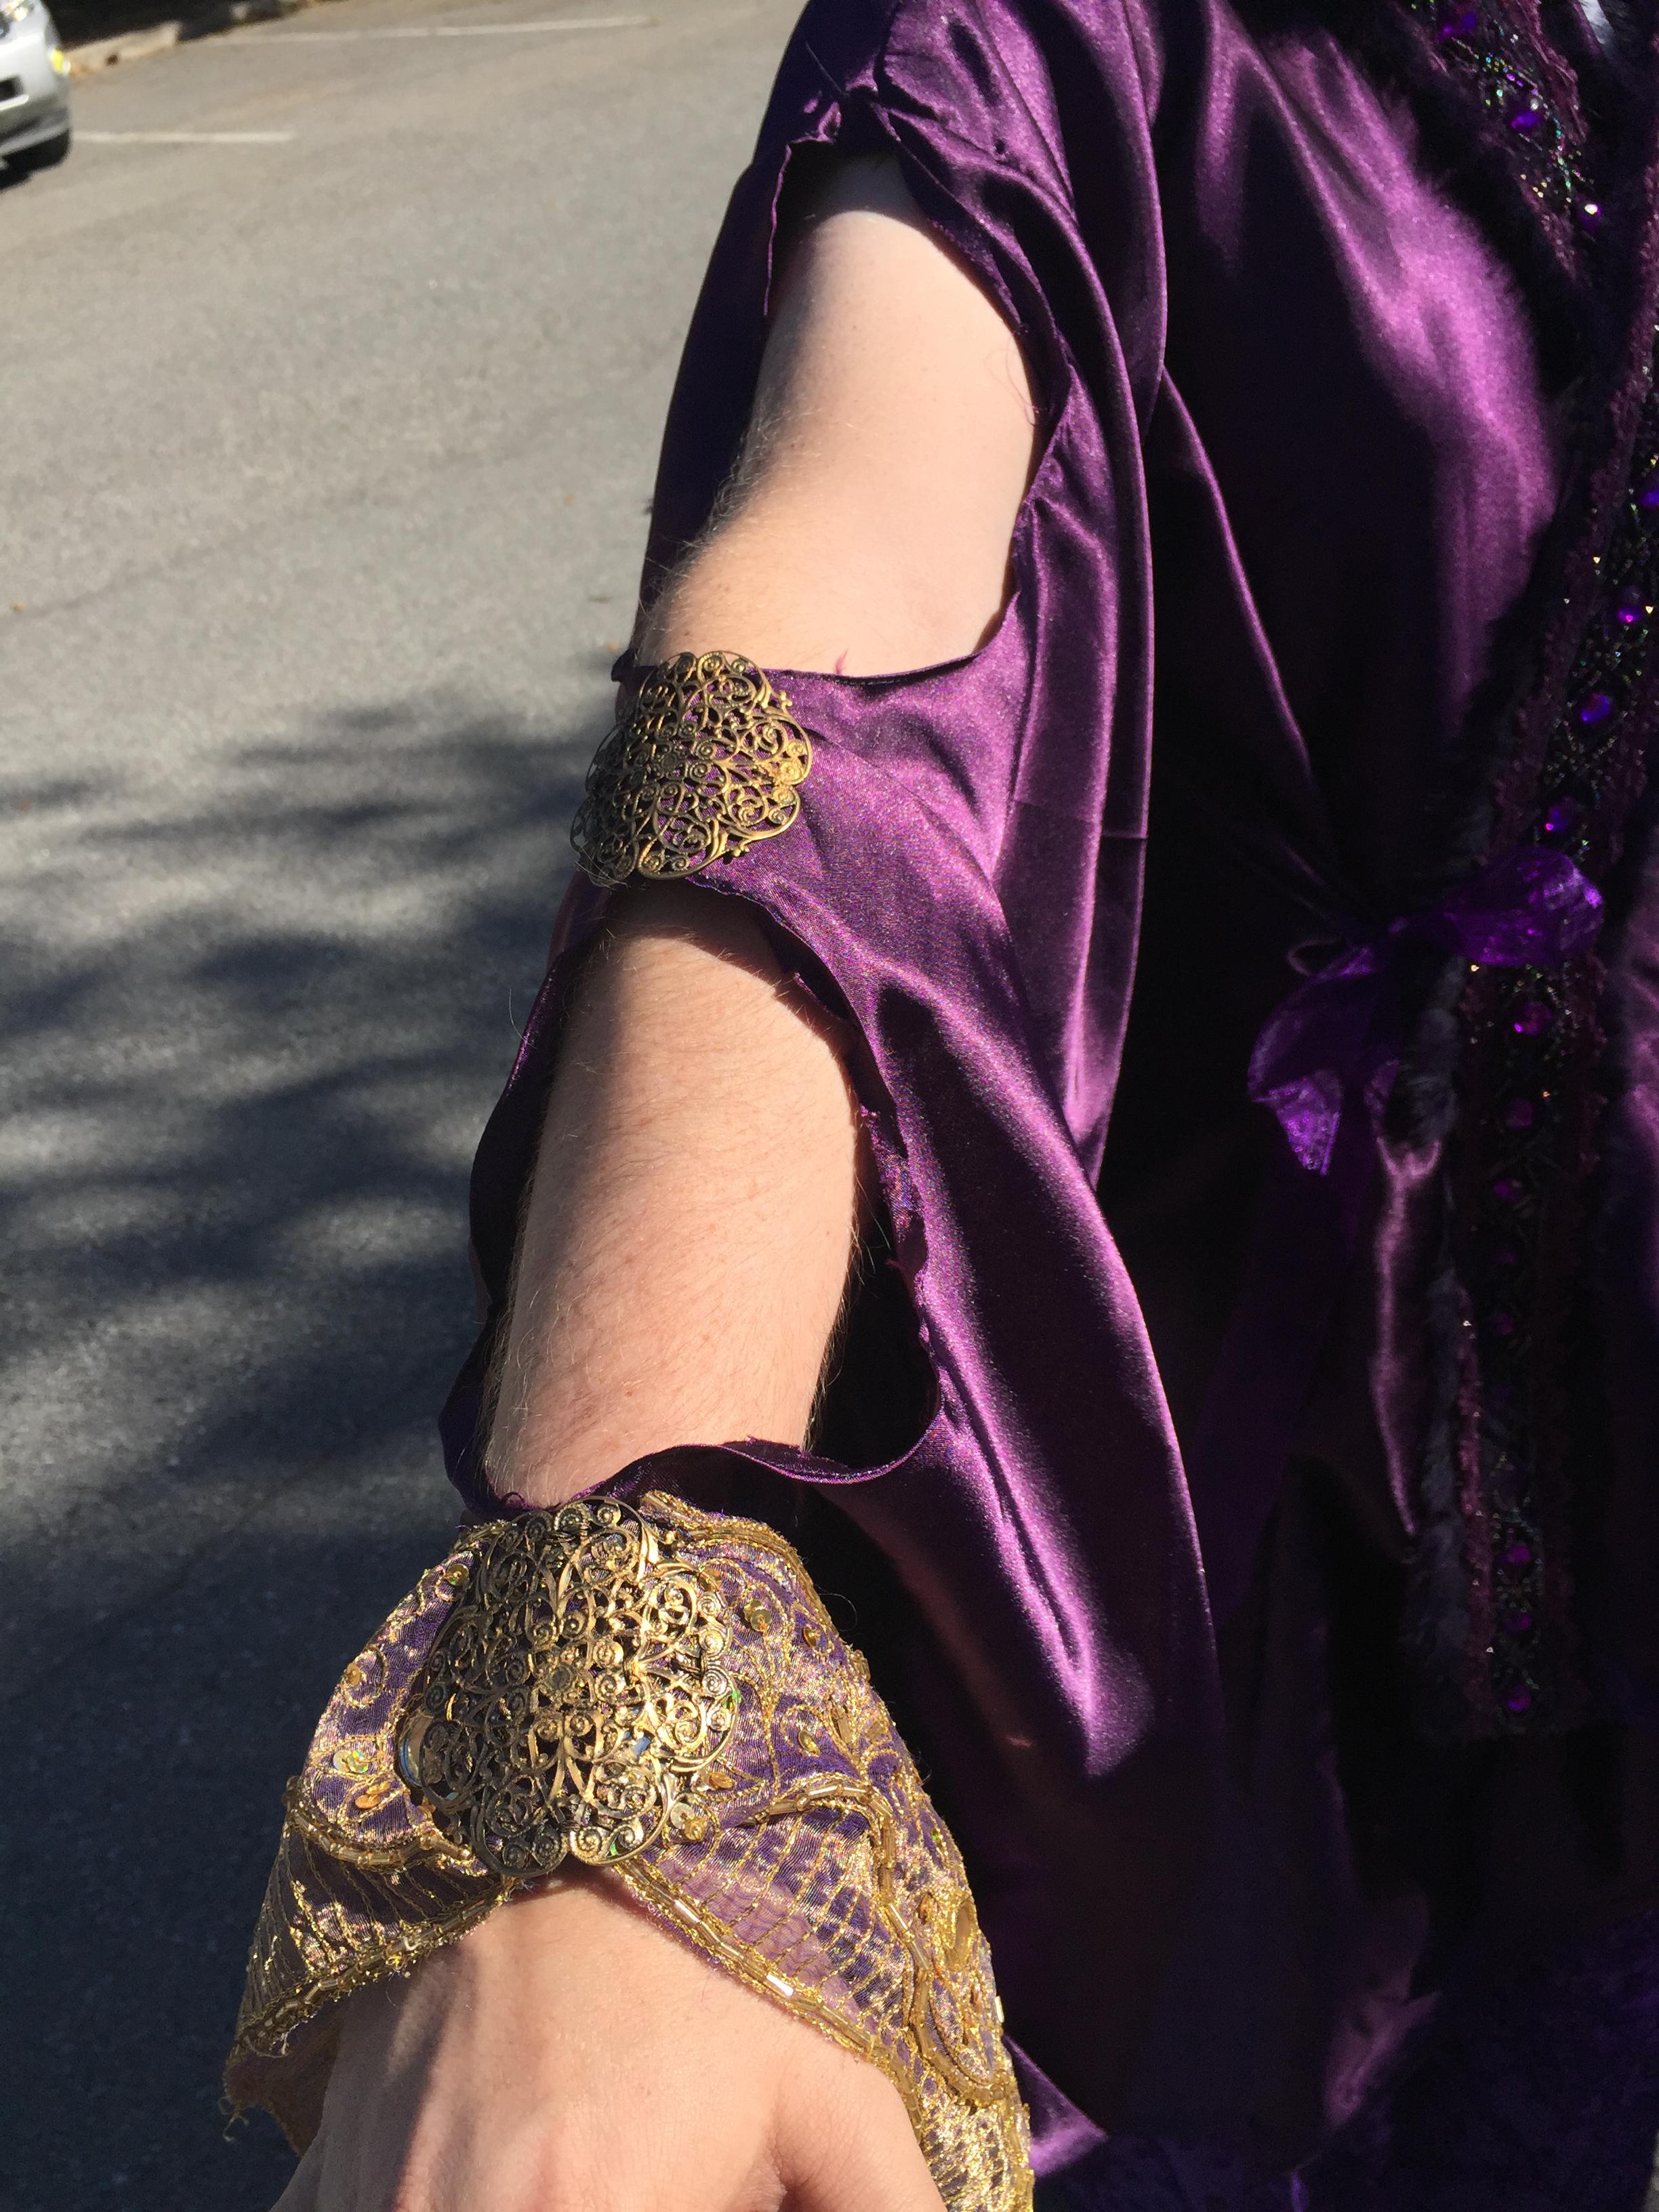 wizard's sleeve top